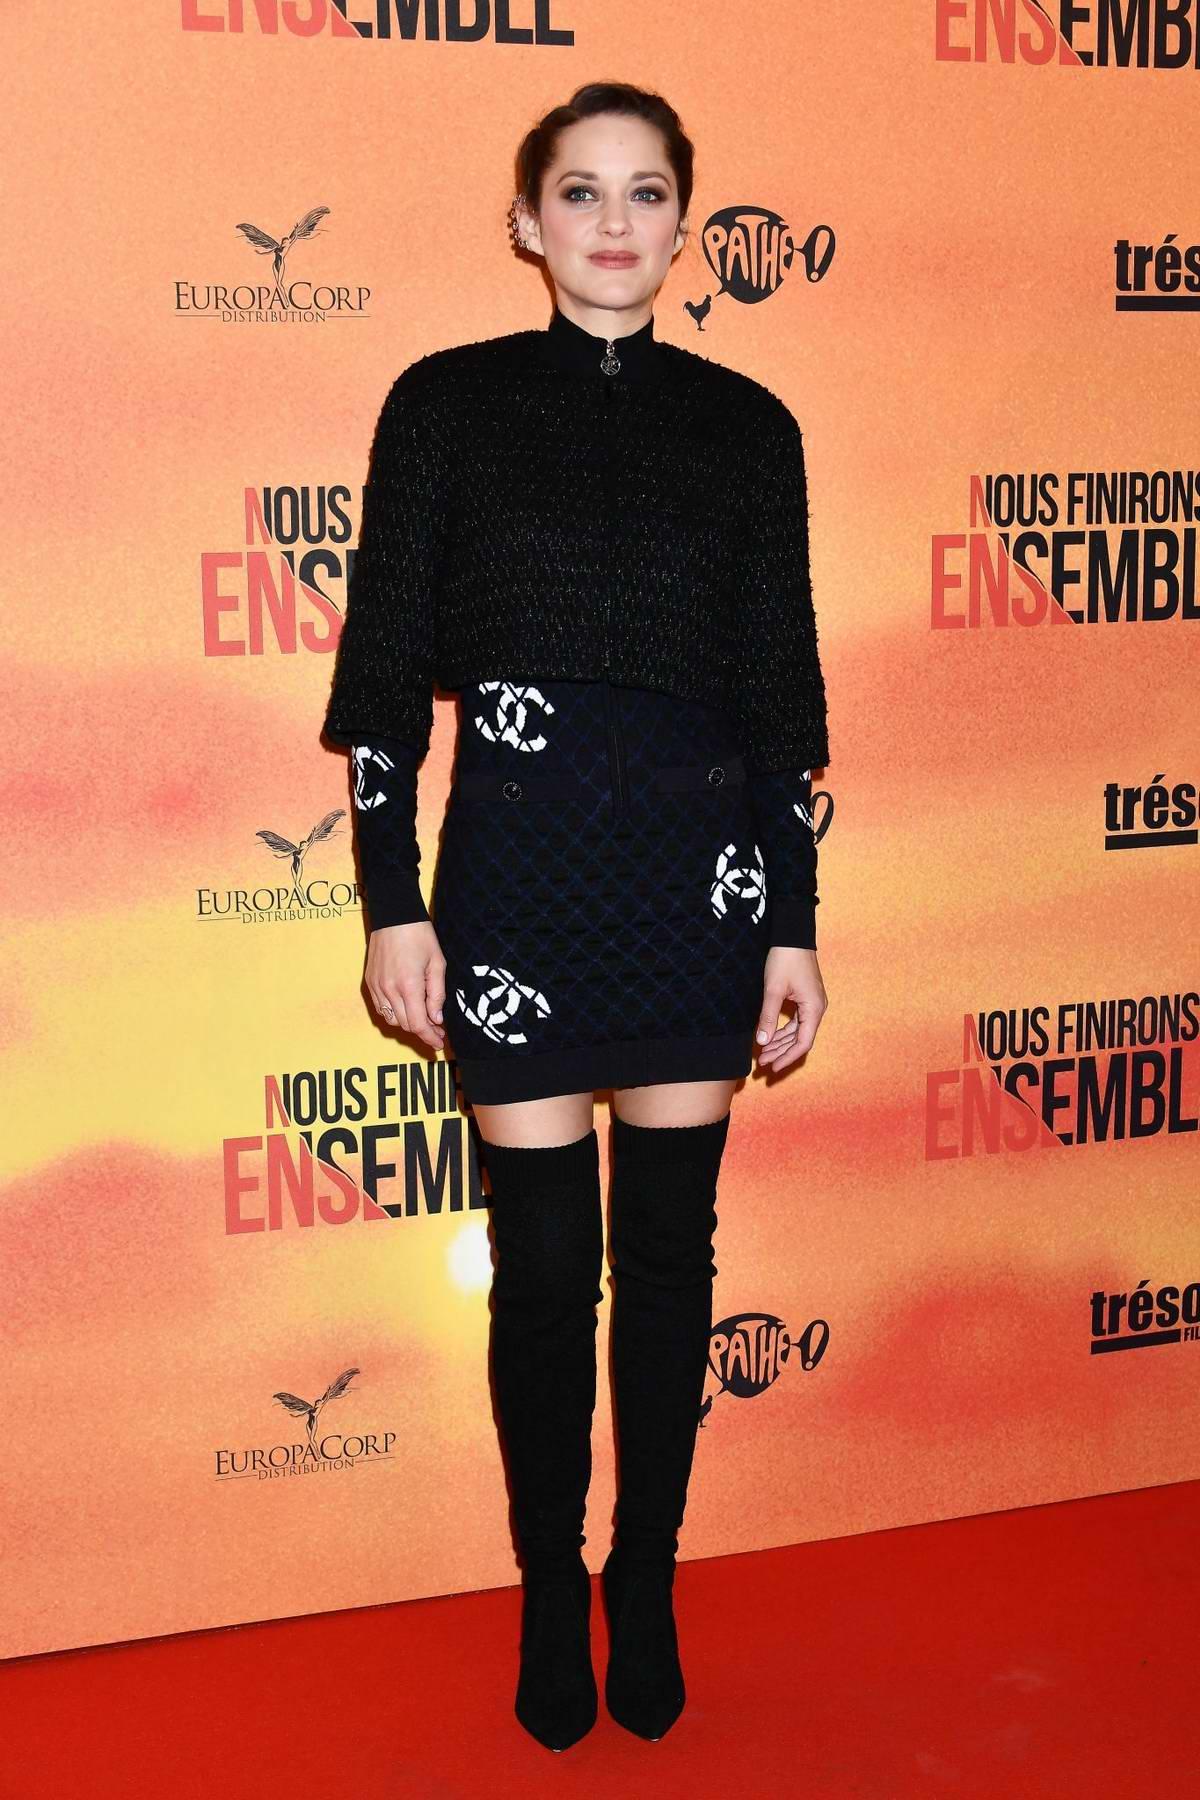 Marion Cotillard attends the Nous finirons ensemble Premiere at Cinema Gaumont Capucines in Paris, France